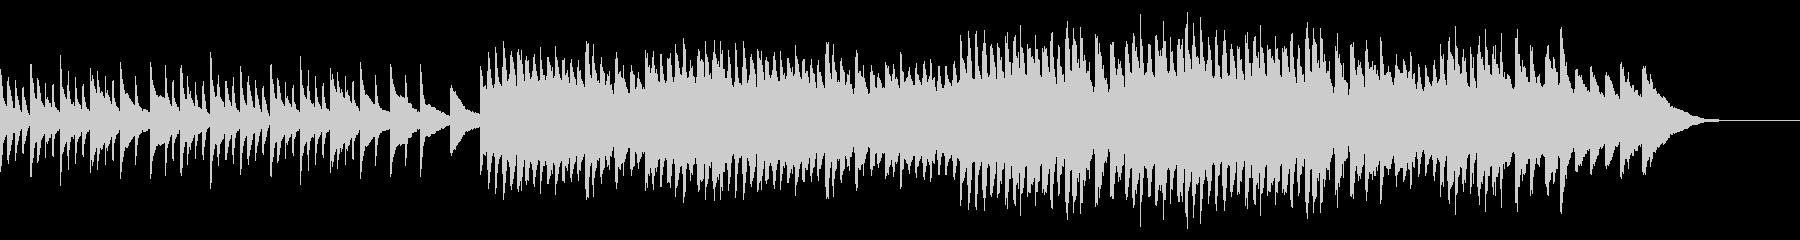 温もりを感じるイメージのピアノソロ曲の未再生の波形